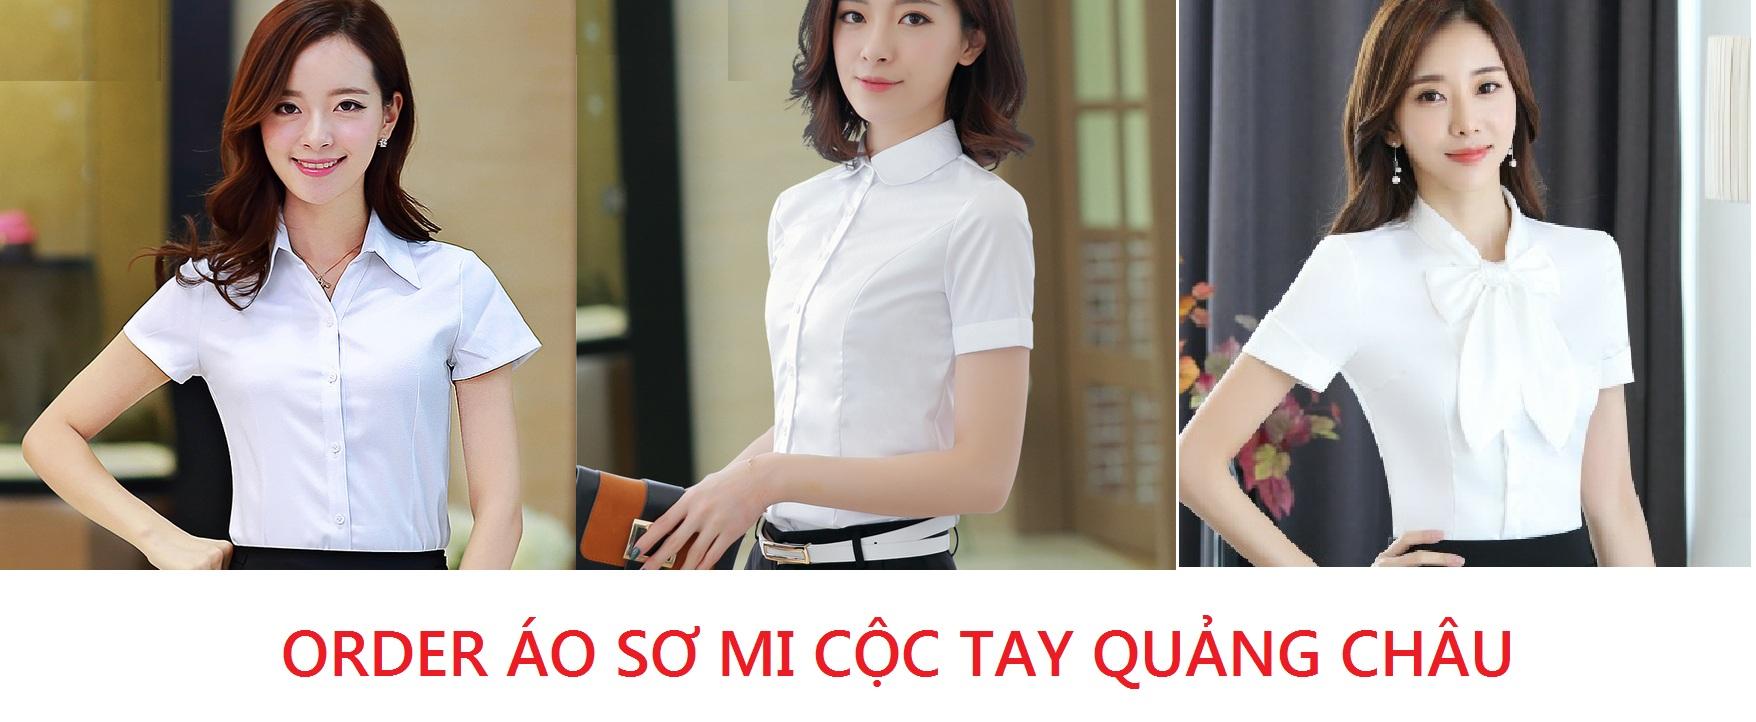 Order áo sơ mi cộc tay Quảng Châu mẫu mã đẹp trên Taobao